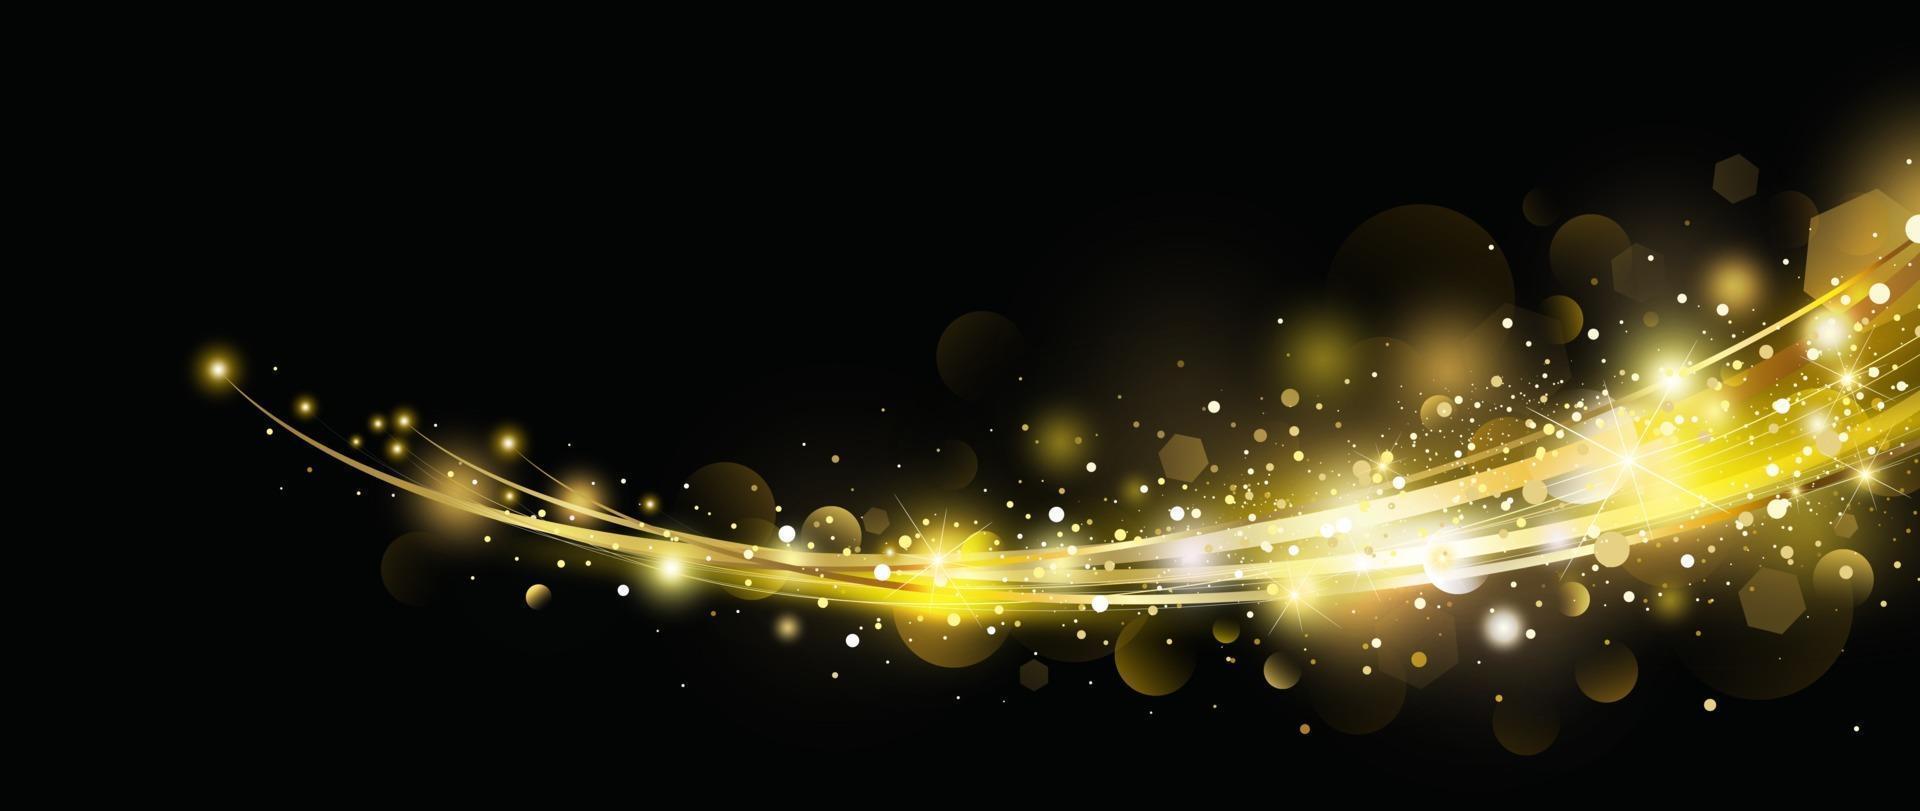 effet de lumière or abstrait avec design bokeh sur illustration vectorielle fond noir vecteur